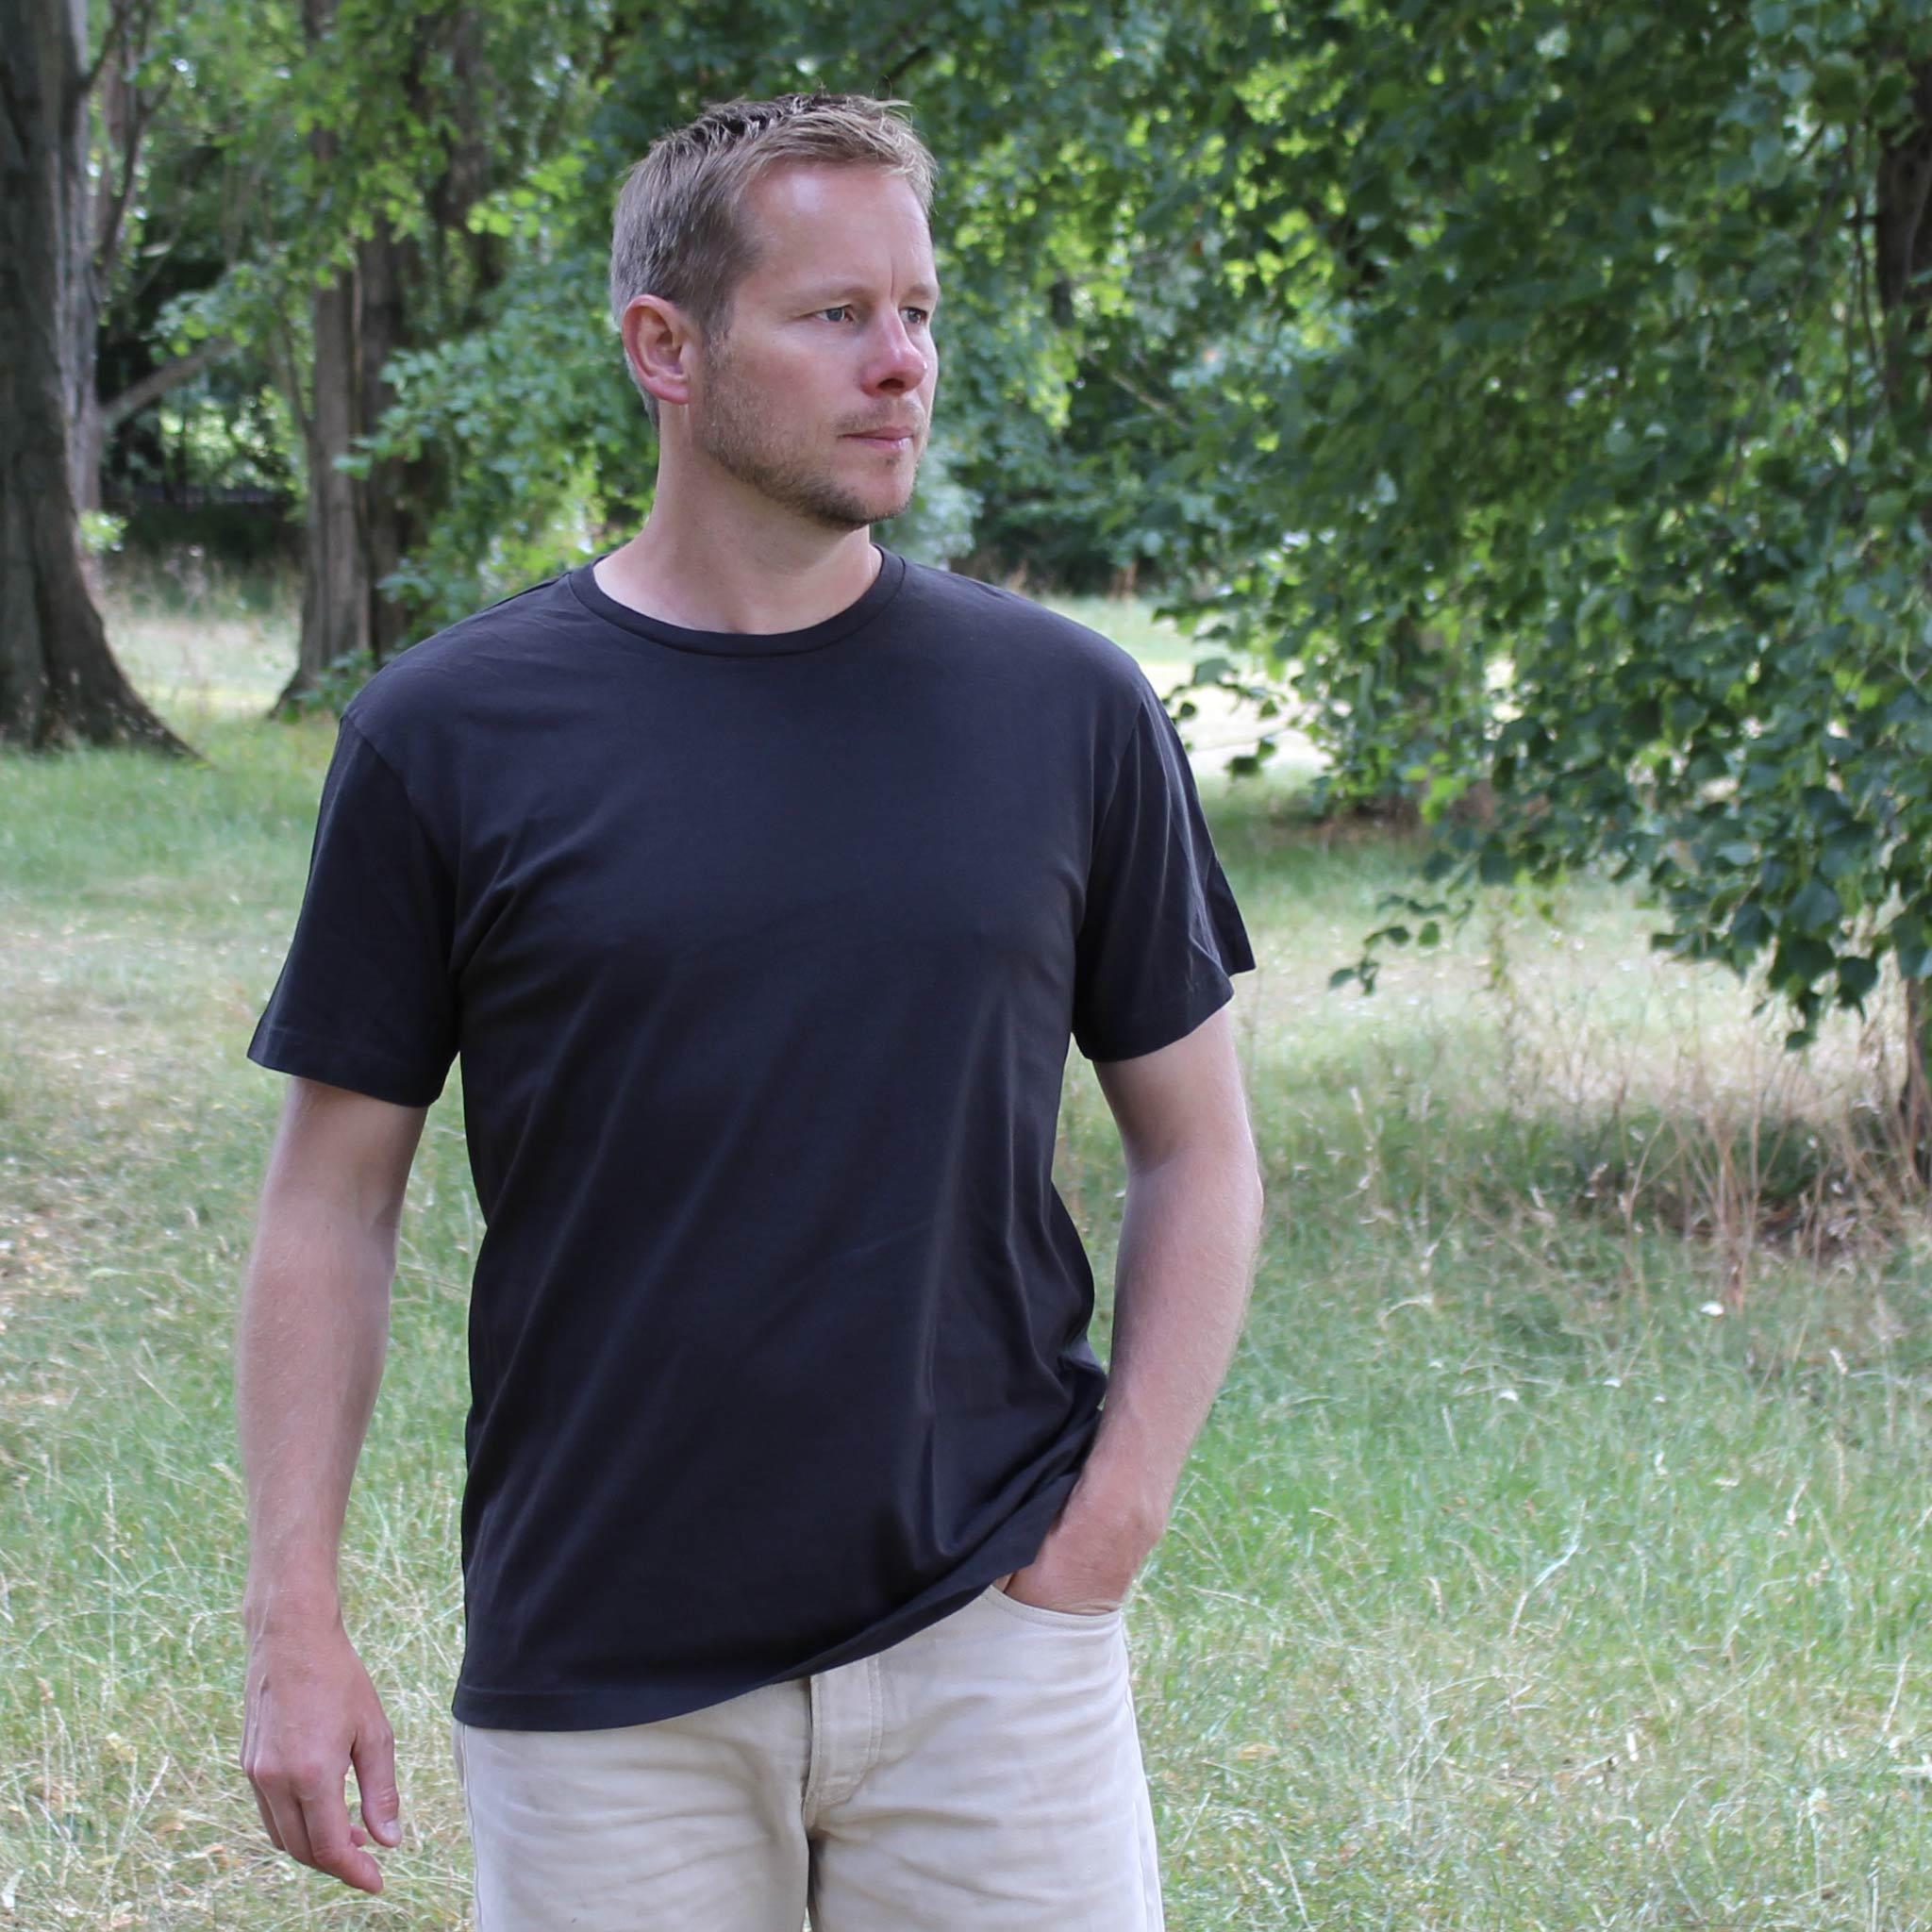 Plain Asphalt T-shirt model